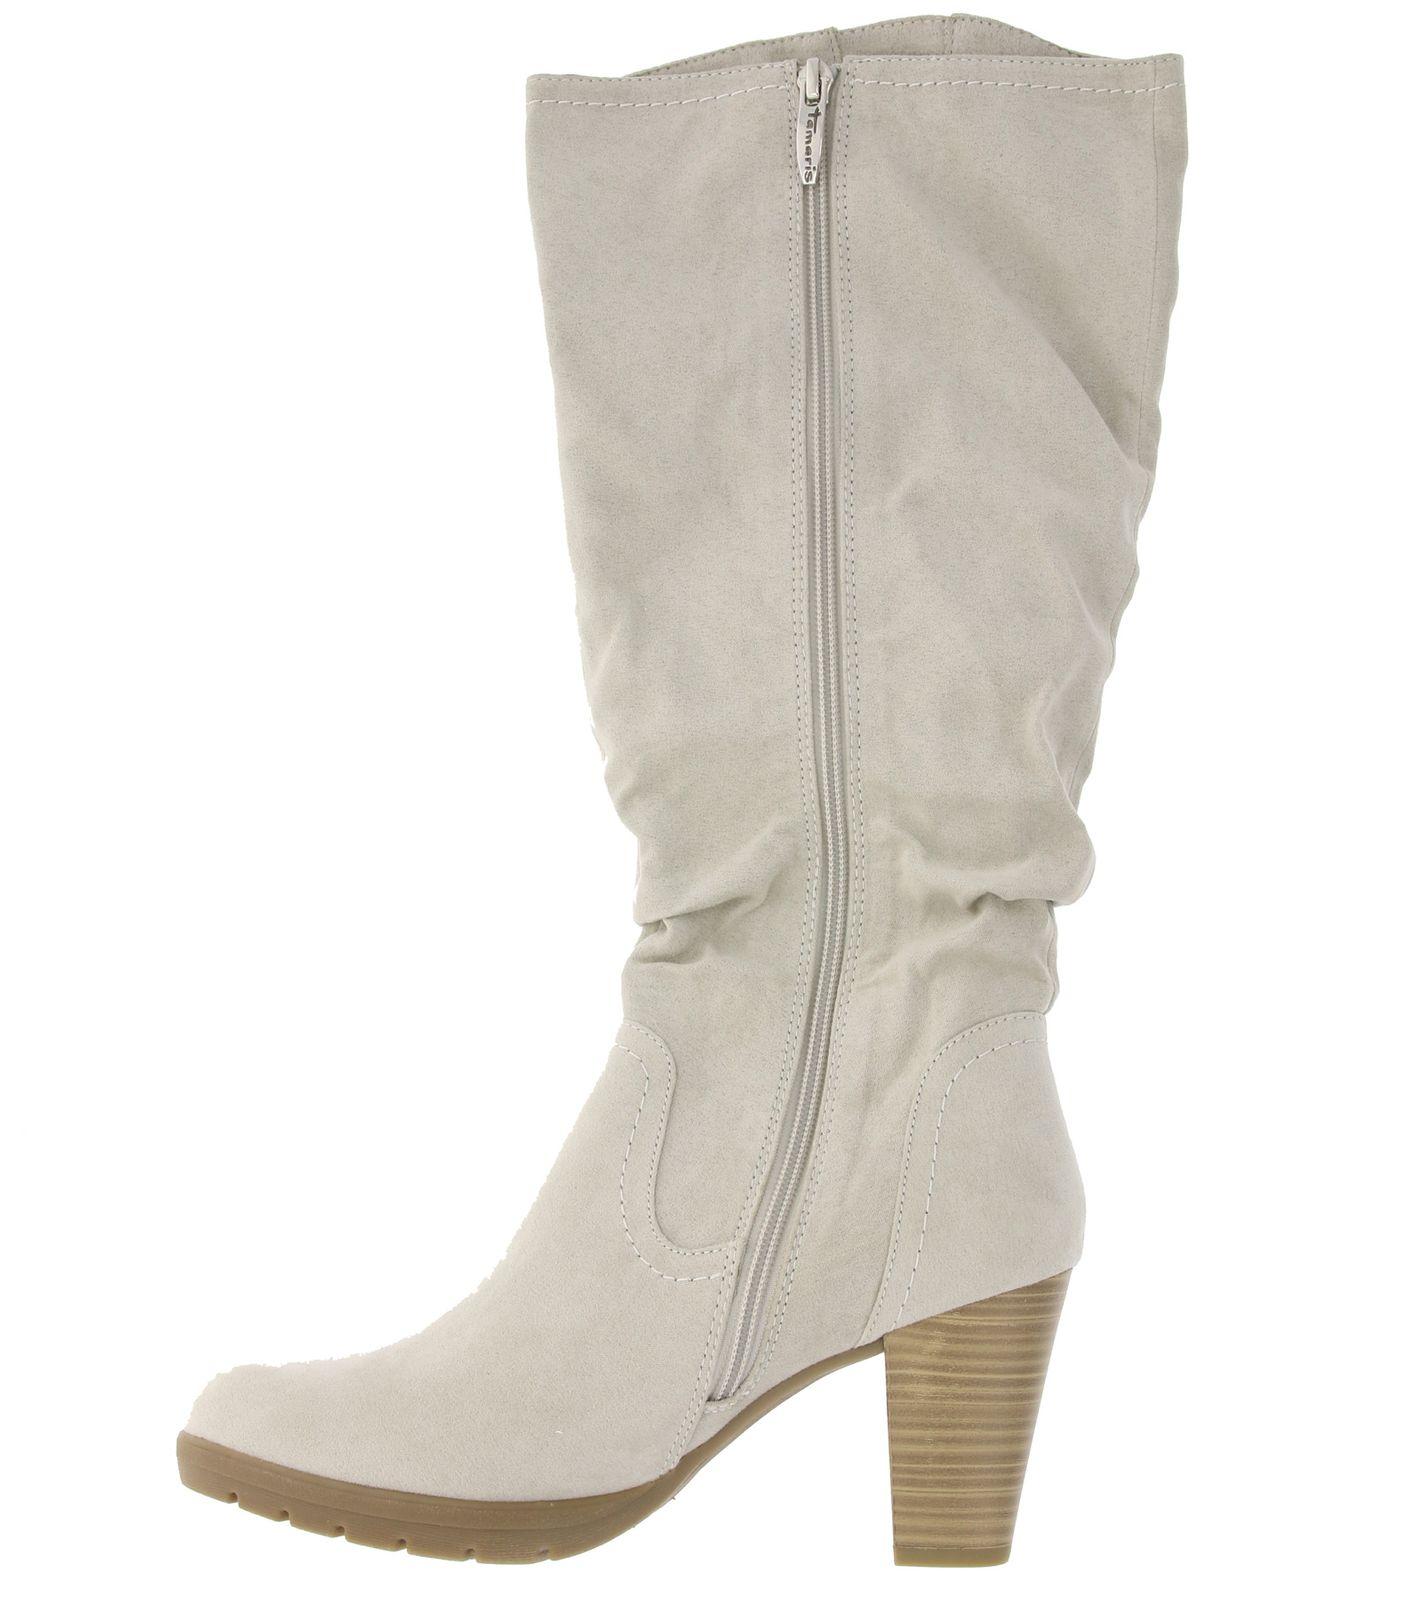 size 40 3655c e3095 Tamaris Schuhe Schaft-Stiefel hohe Damen Stiefel in Wildleder-Optik Hellgrau